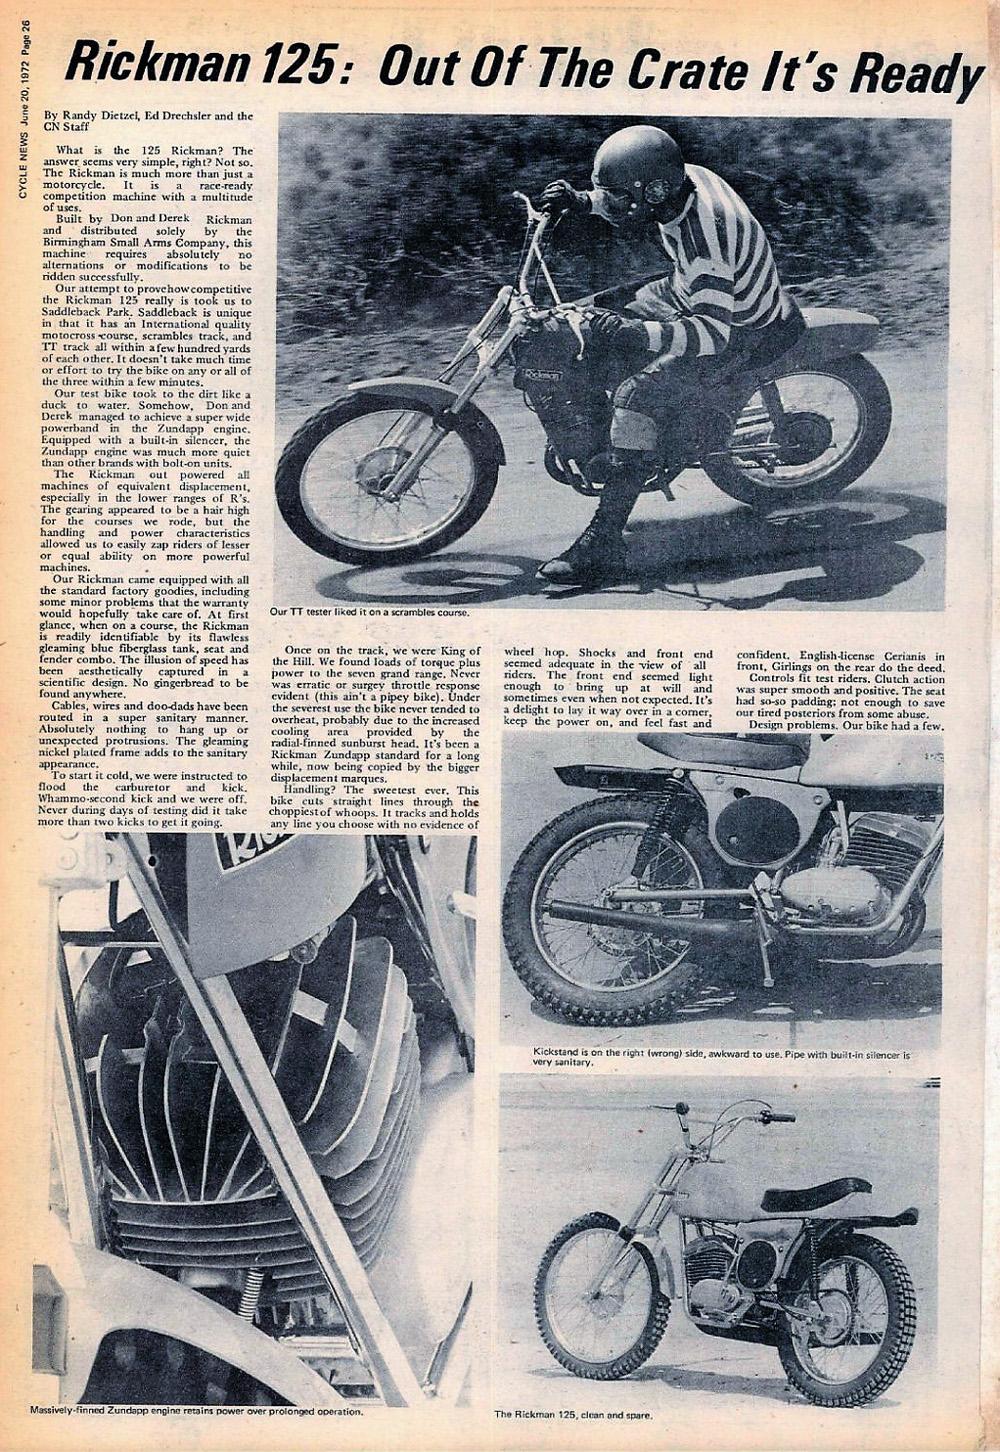 1972 Rickman 125 road test 01.jpg